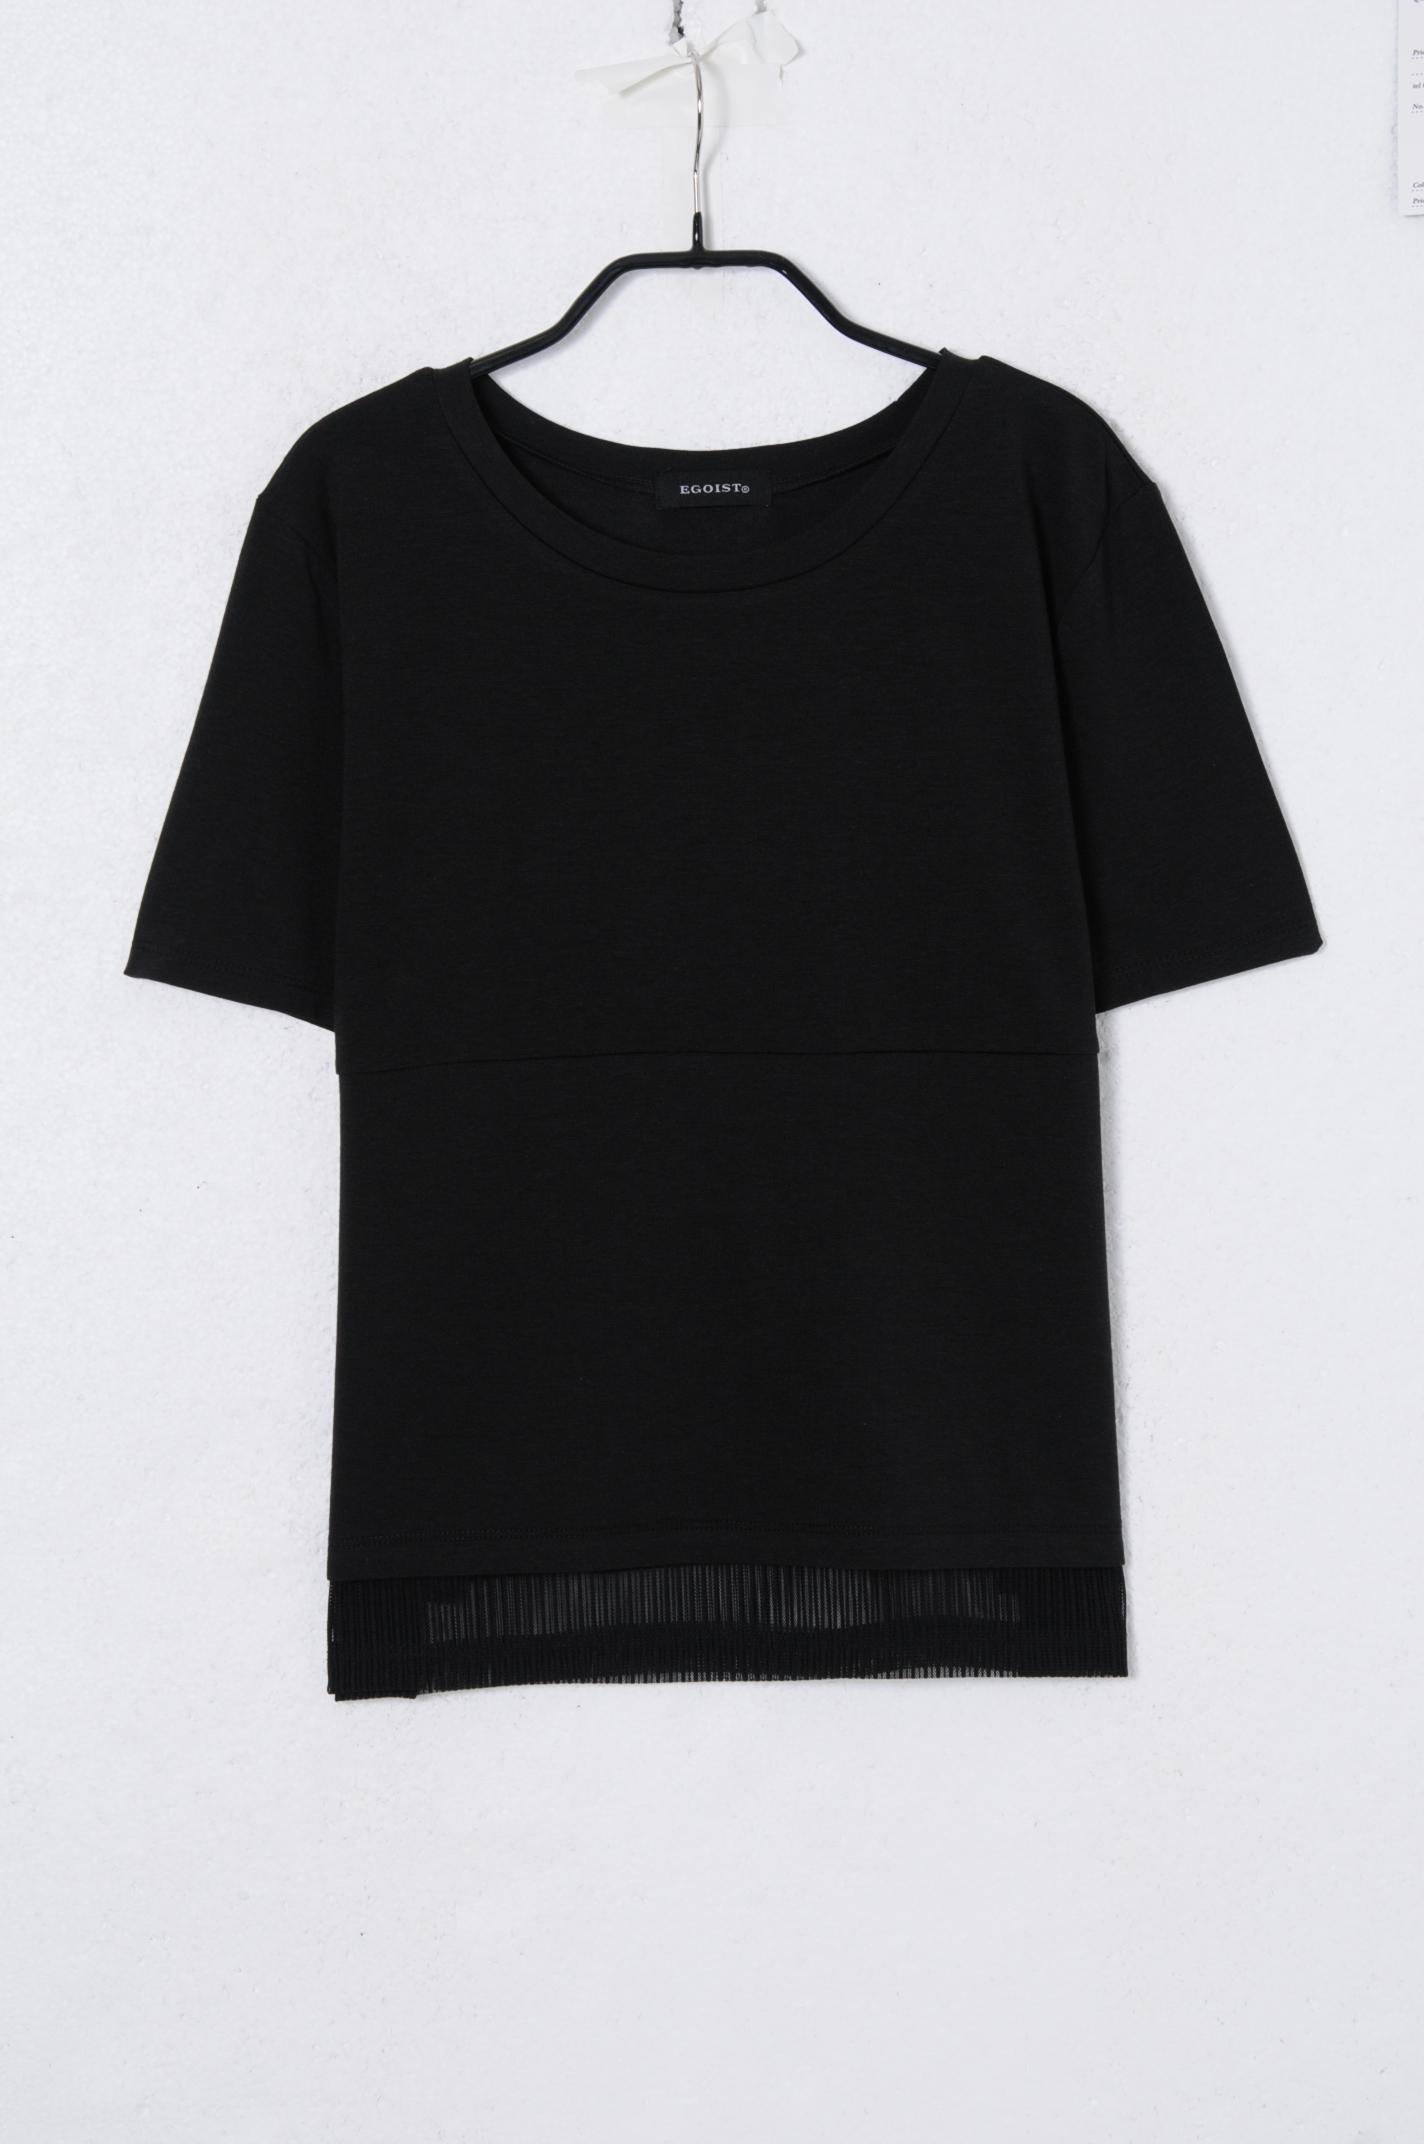 シャツ通販〜EGOISTブランドのストライプレイヤード風TOP